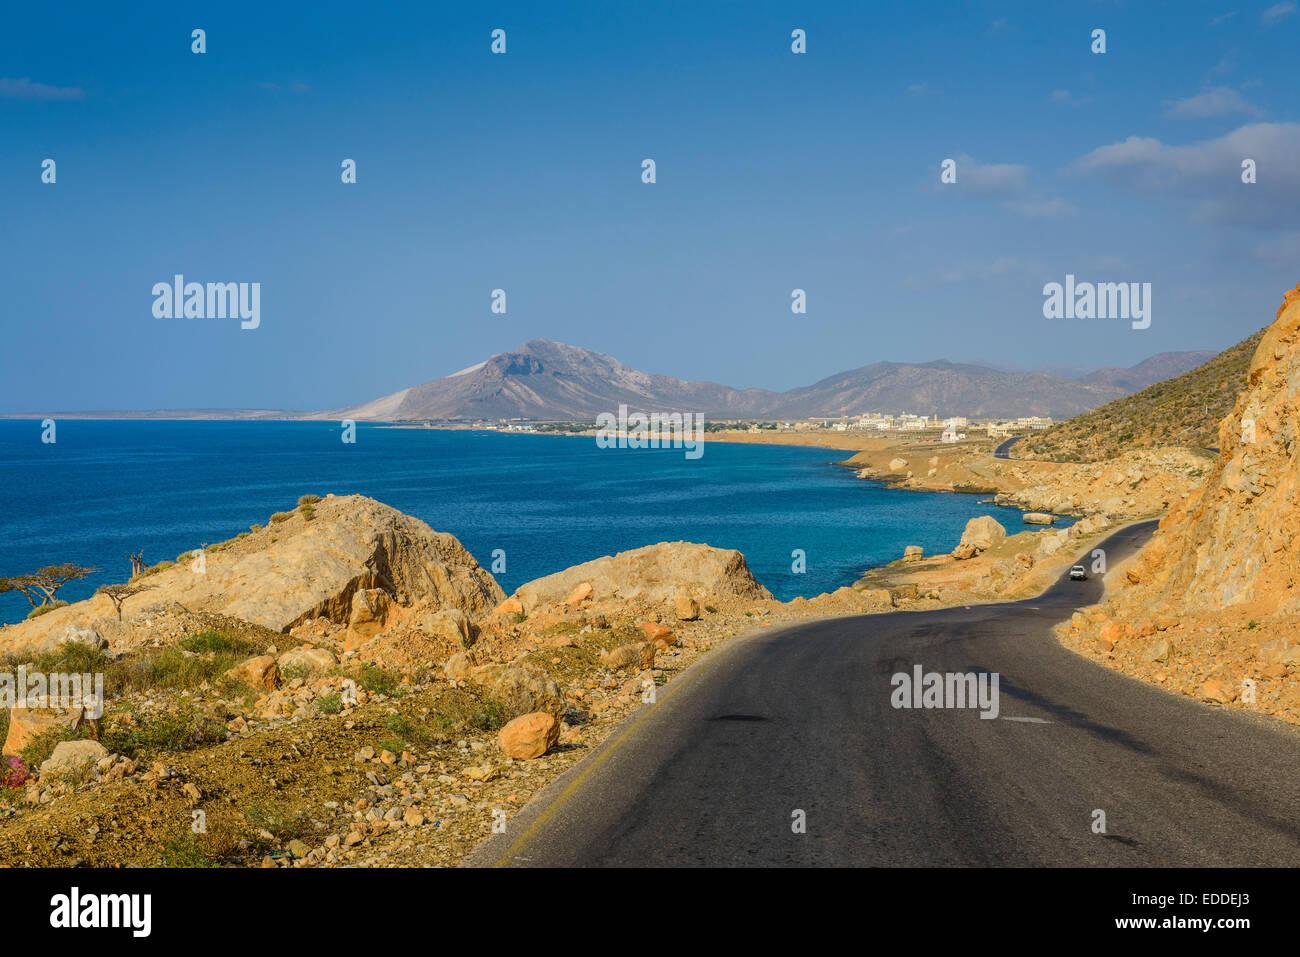 Road leading to Hadibu, island of Socotra, Yemen - Stock Image